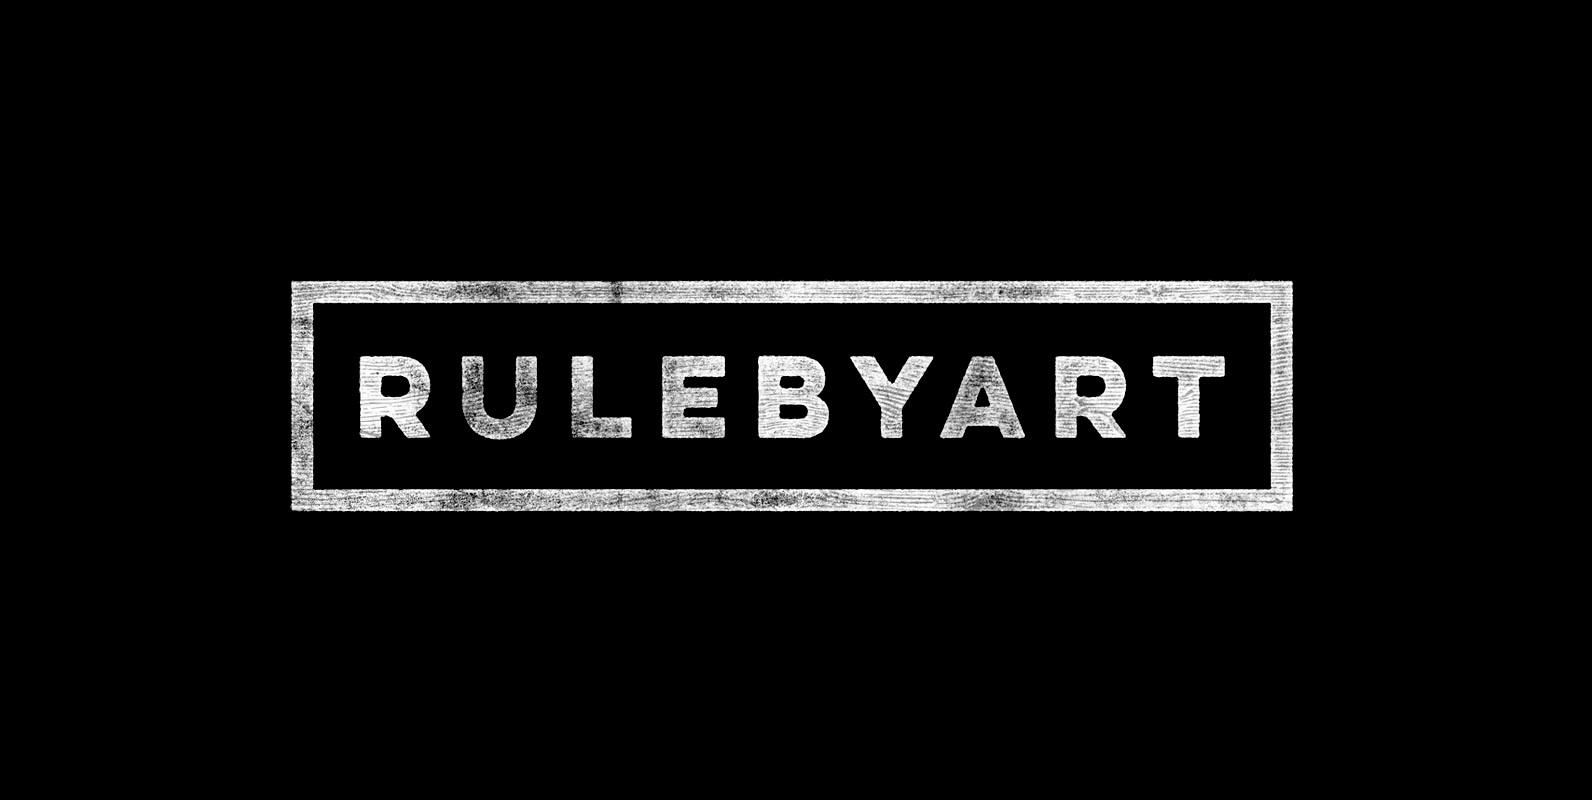 RuleByArt